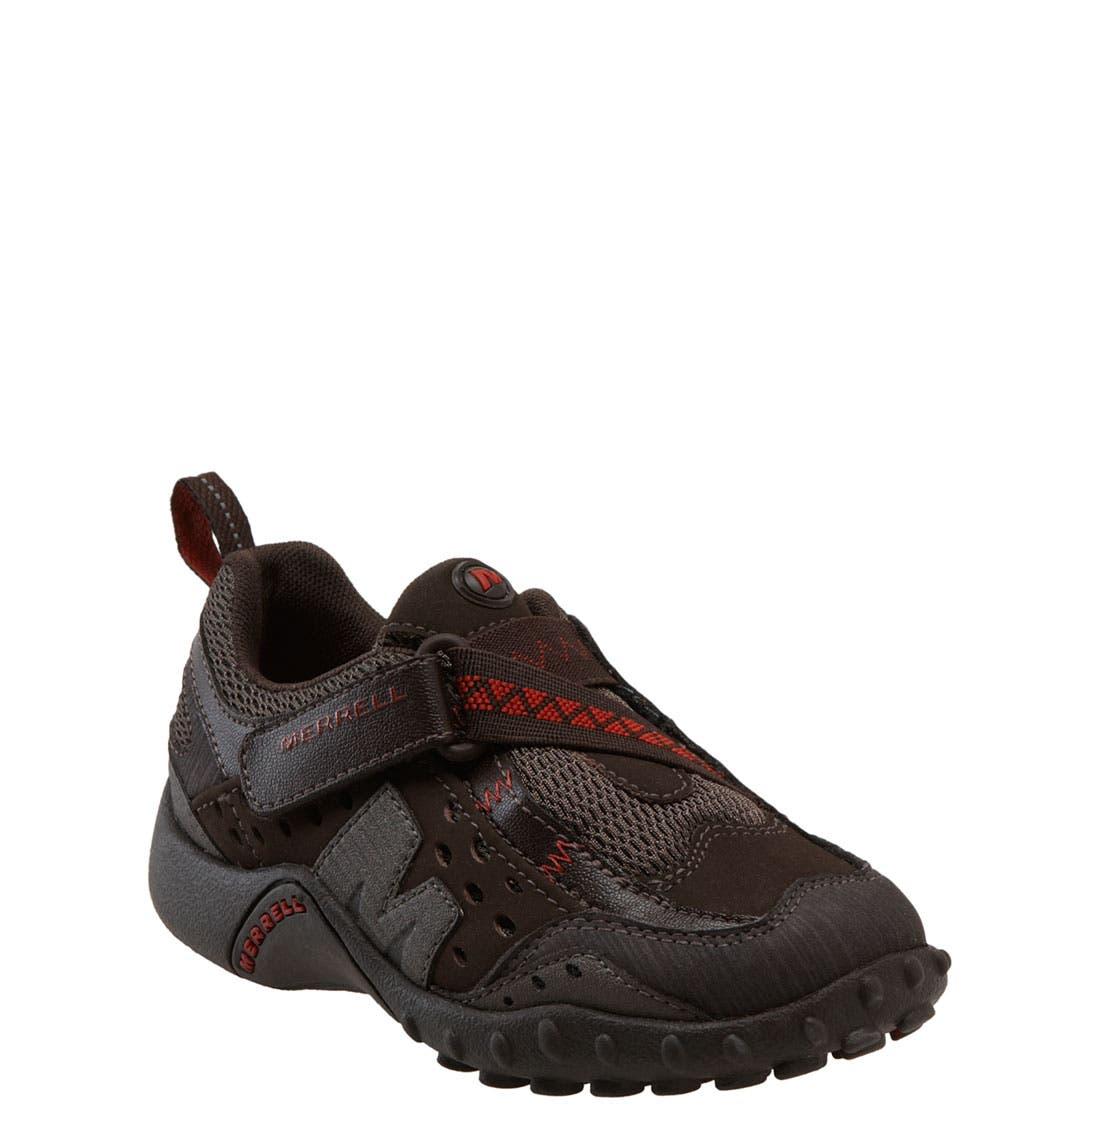 Alternate Image 1 Selected - Merrell 'Intercept' Athletic Shoe (Toddler, Little Kid & Big Kid)